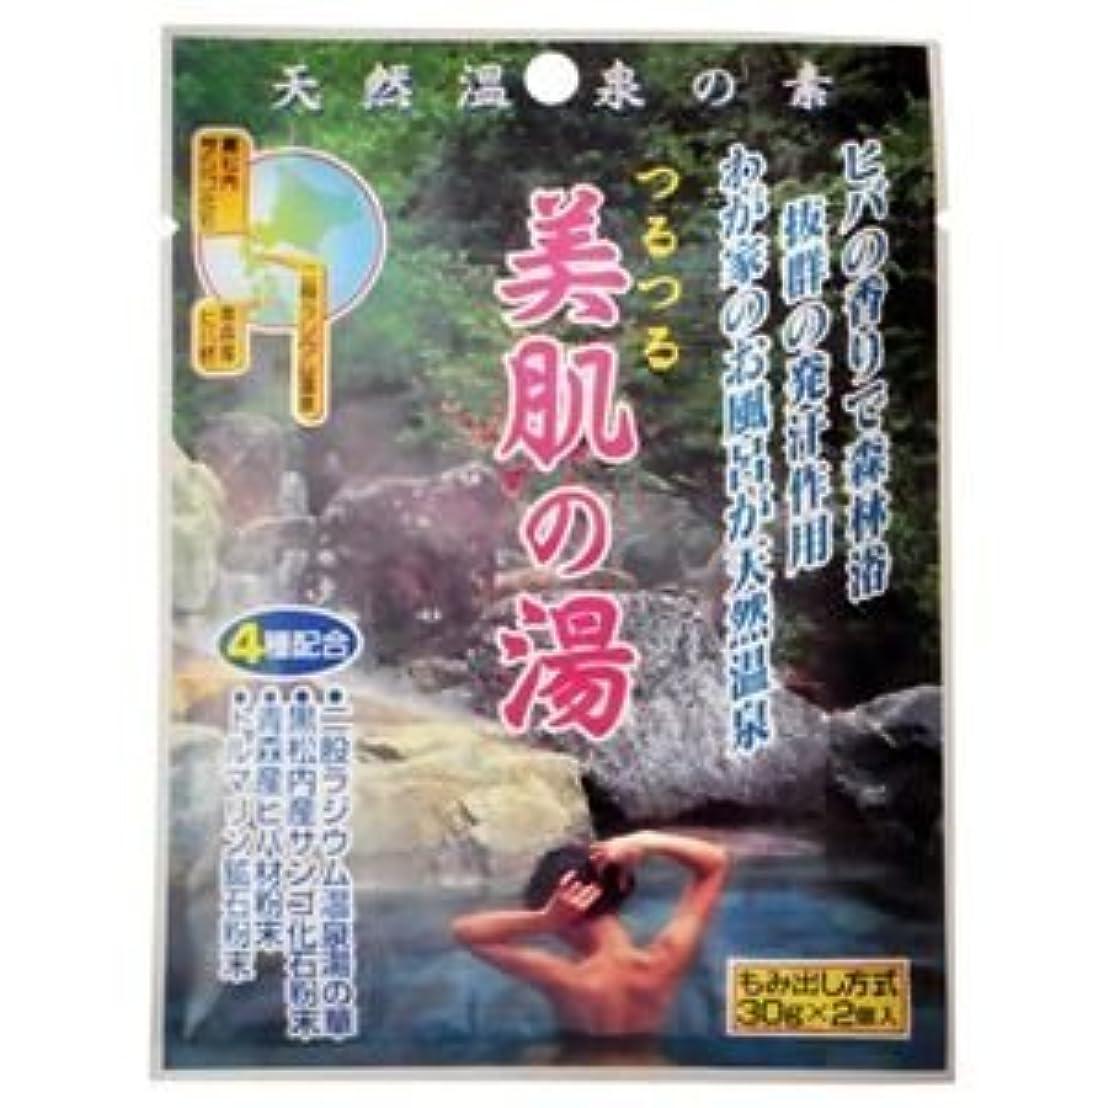 ドロー落ち着いた退屈天然温泉の素 つるつる美肌の湯 30g×2個入(入浴剤) (10個セット)